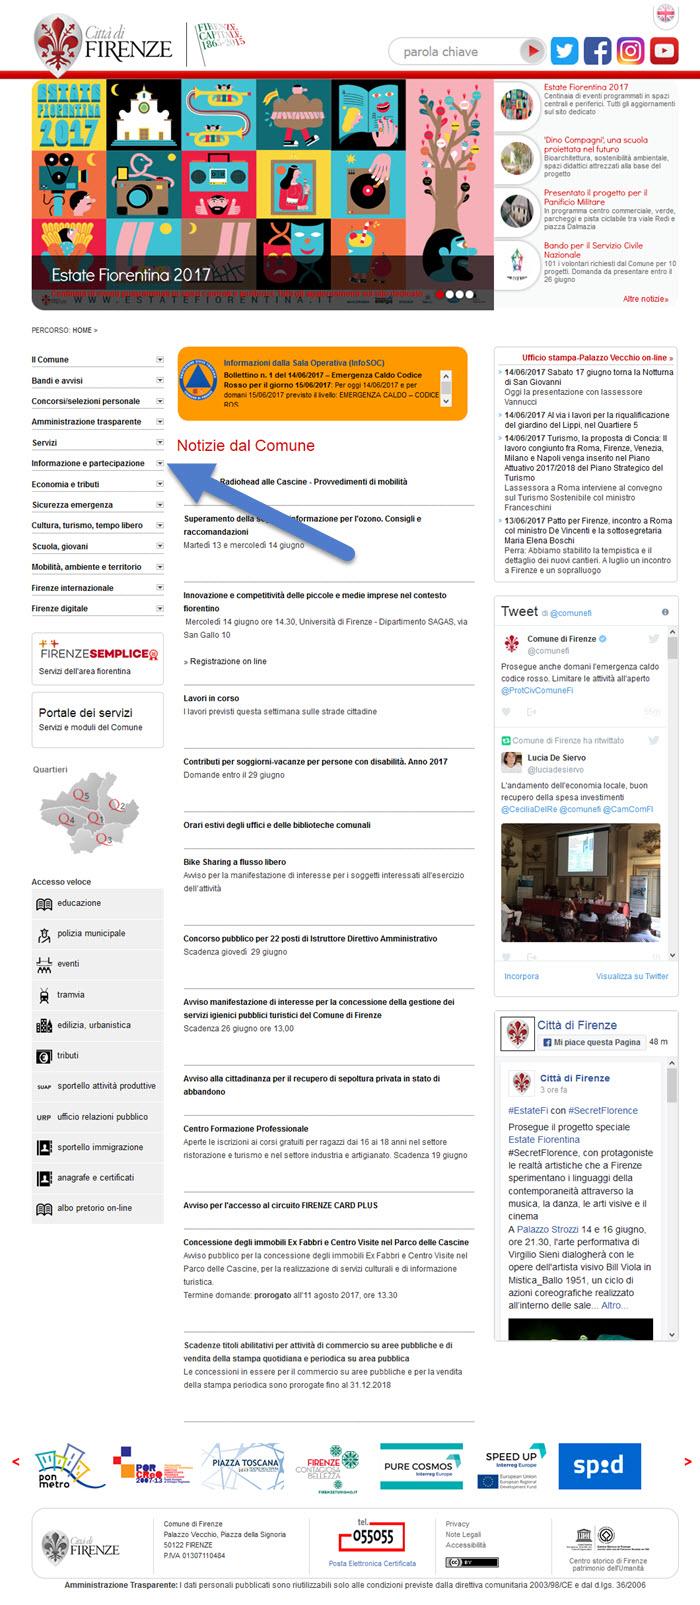 Il sito del Comune di Firenze: nessuna Newsletter